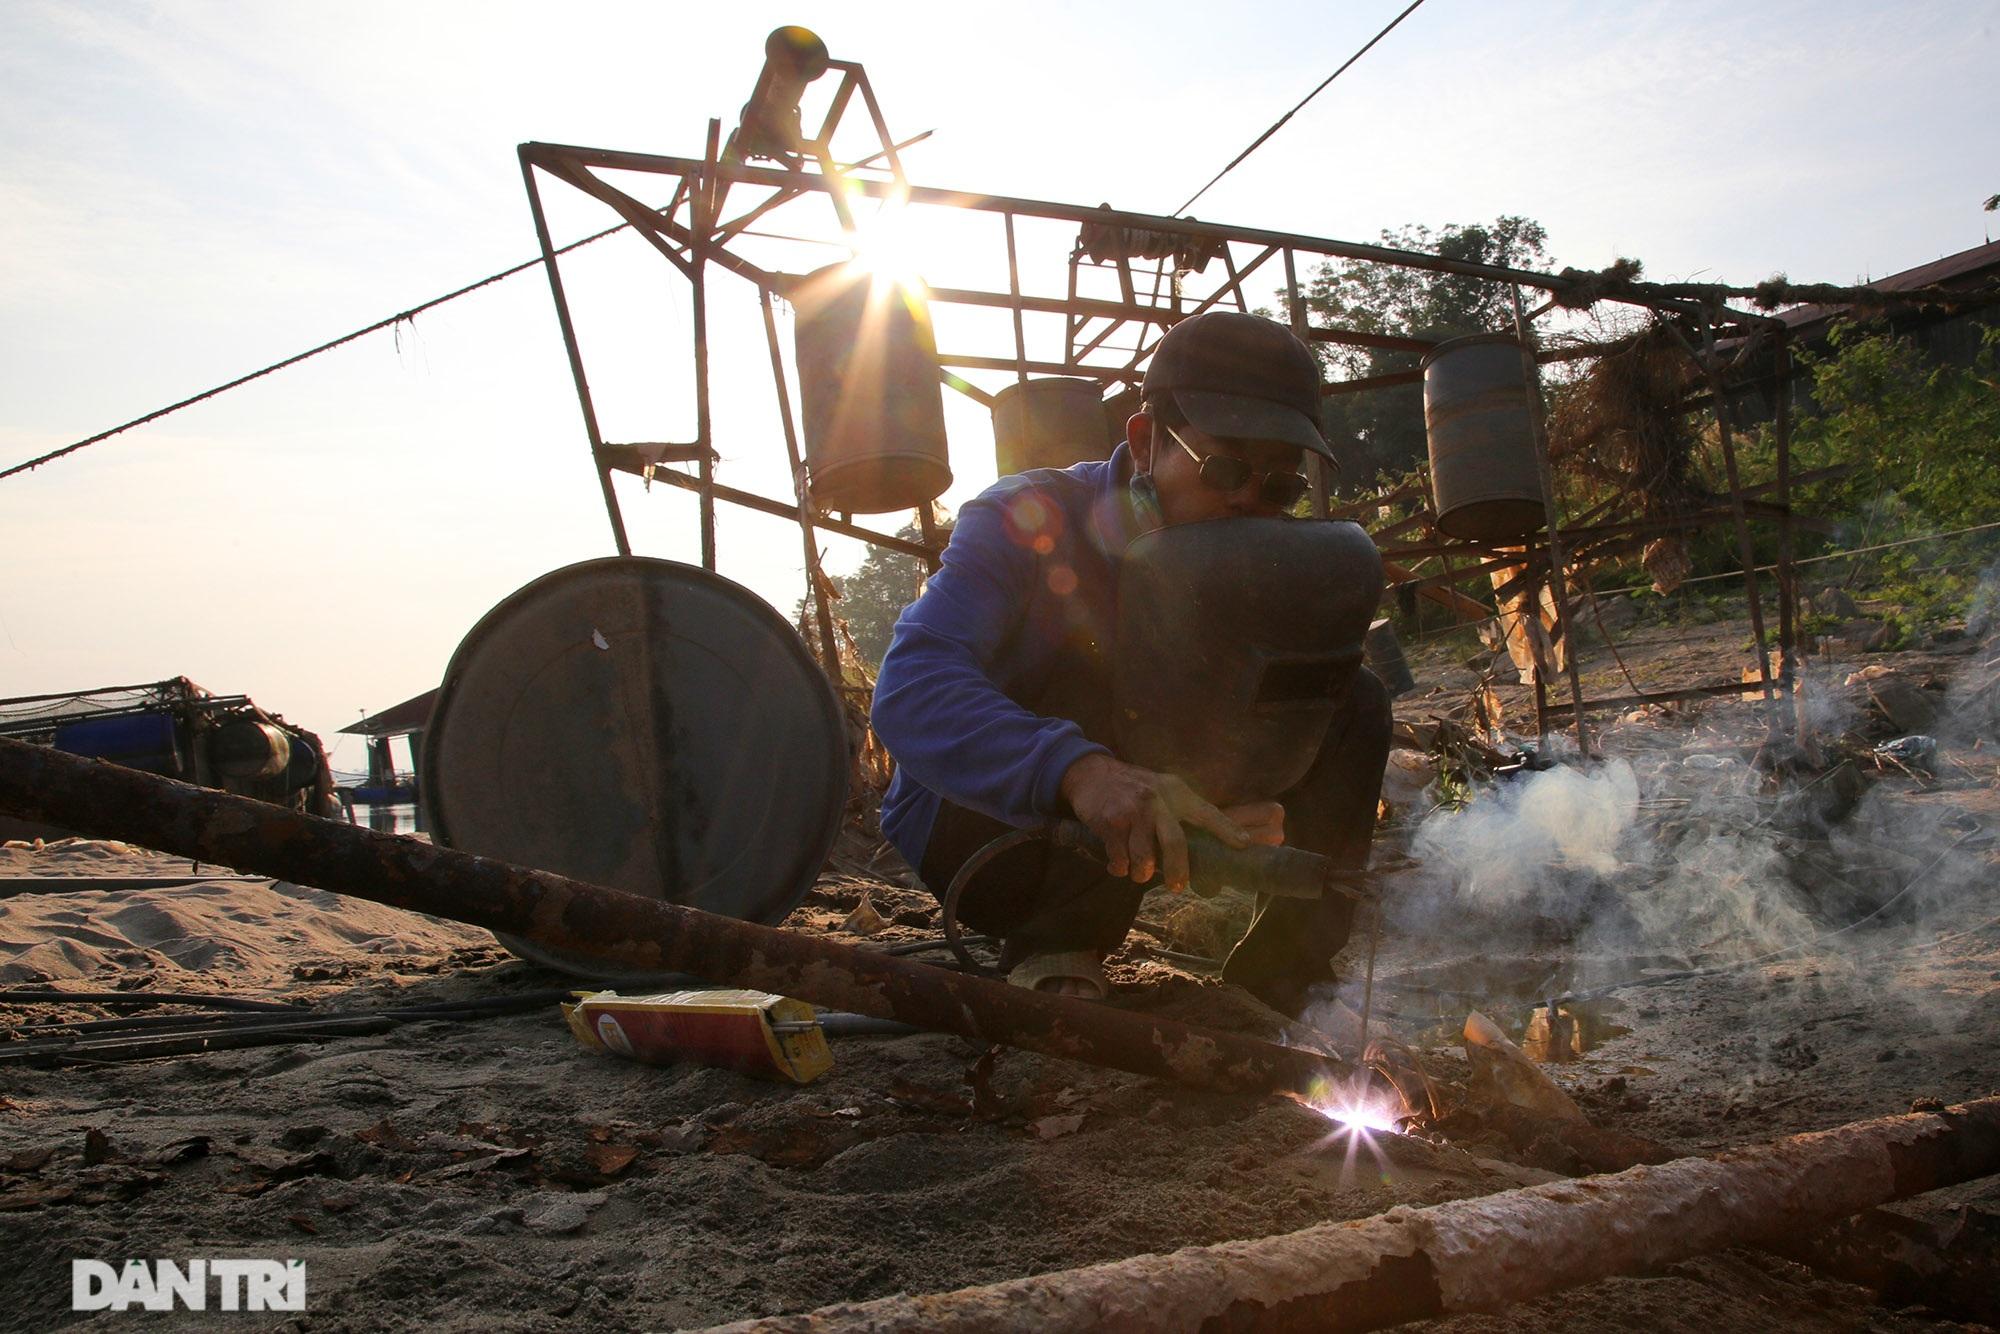 Sông Đà cạn trơ đáy, nông dân hối hả bơm cát cứu cá - 8